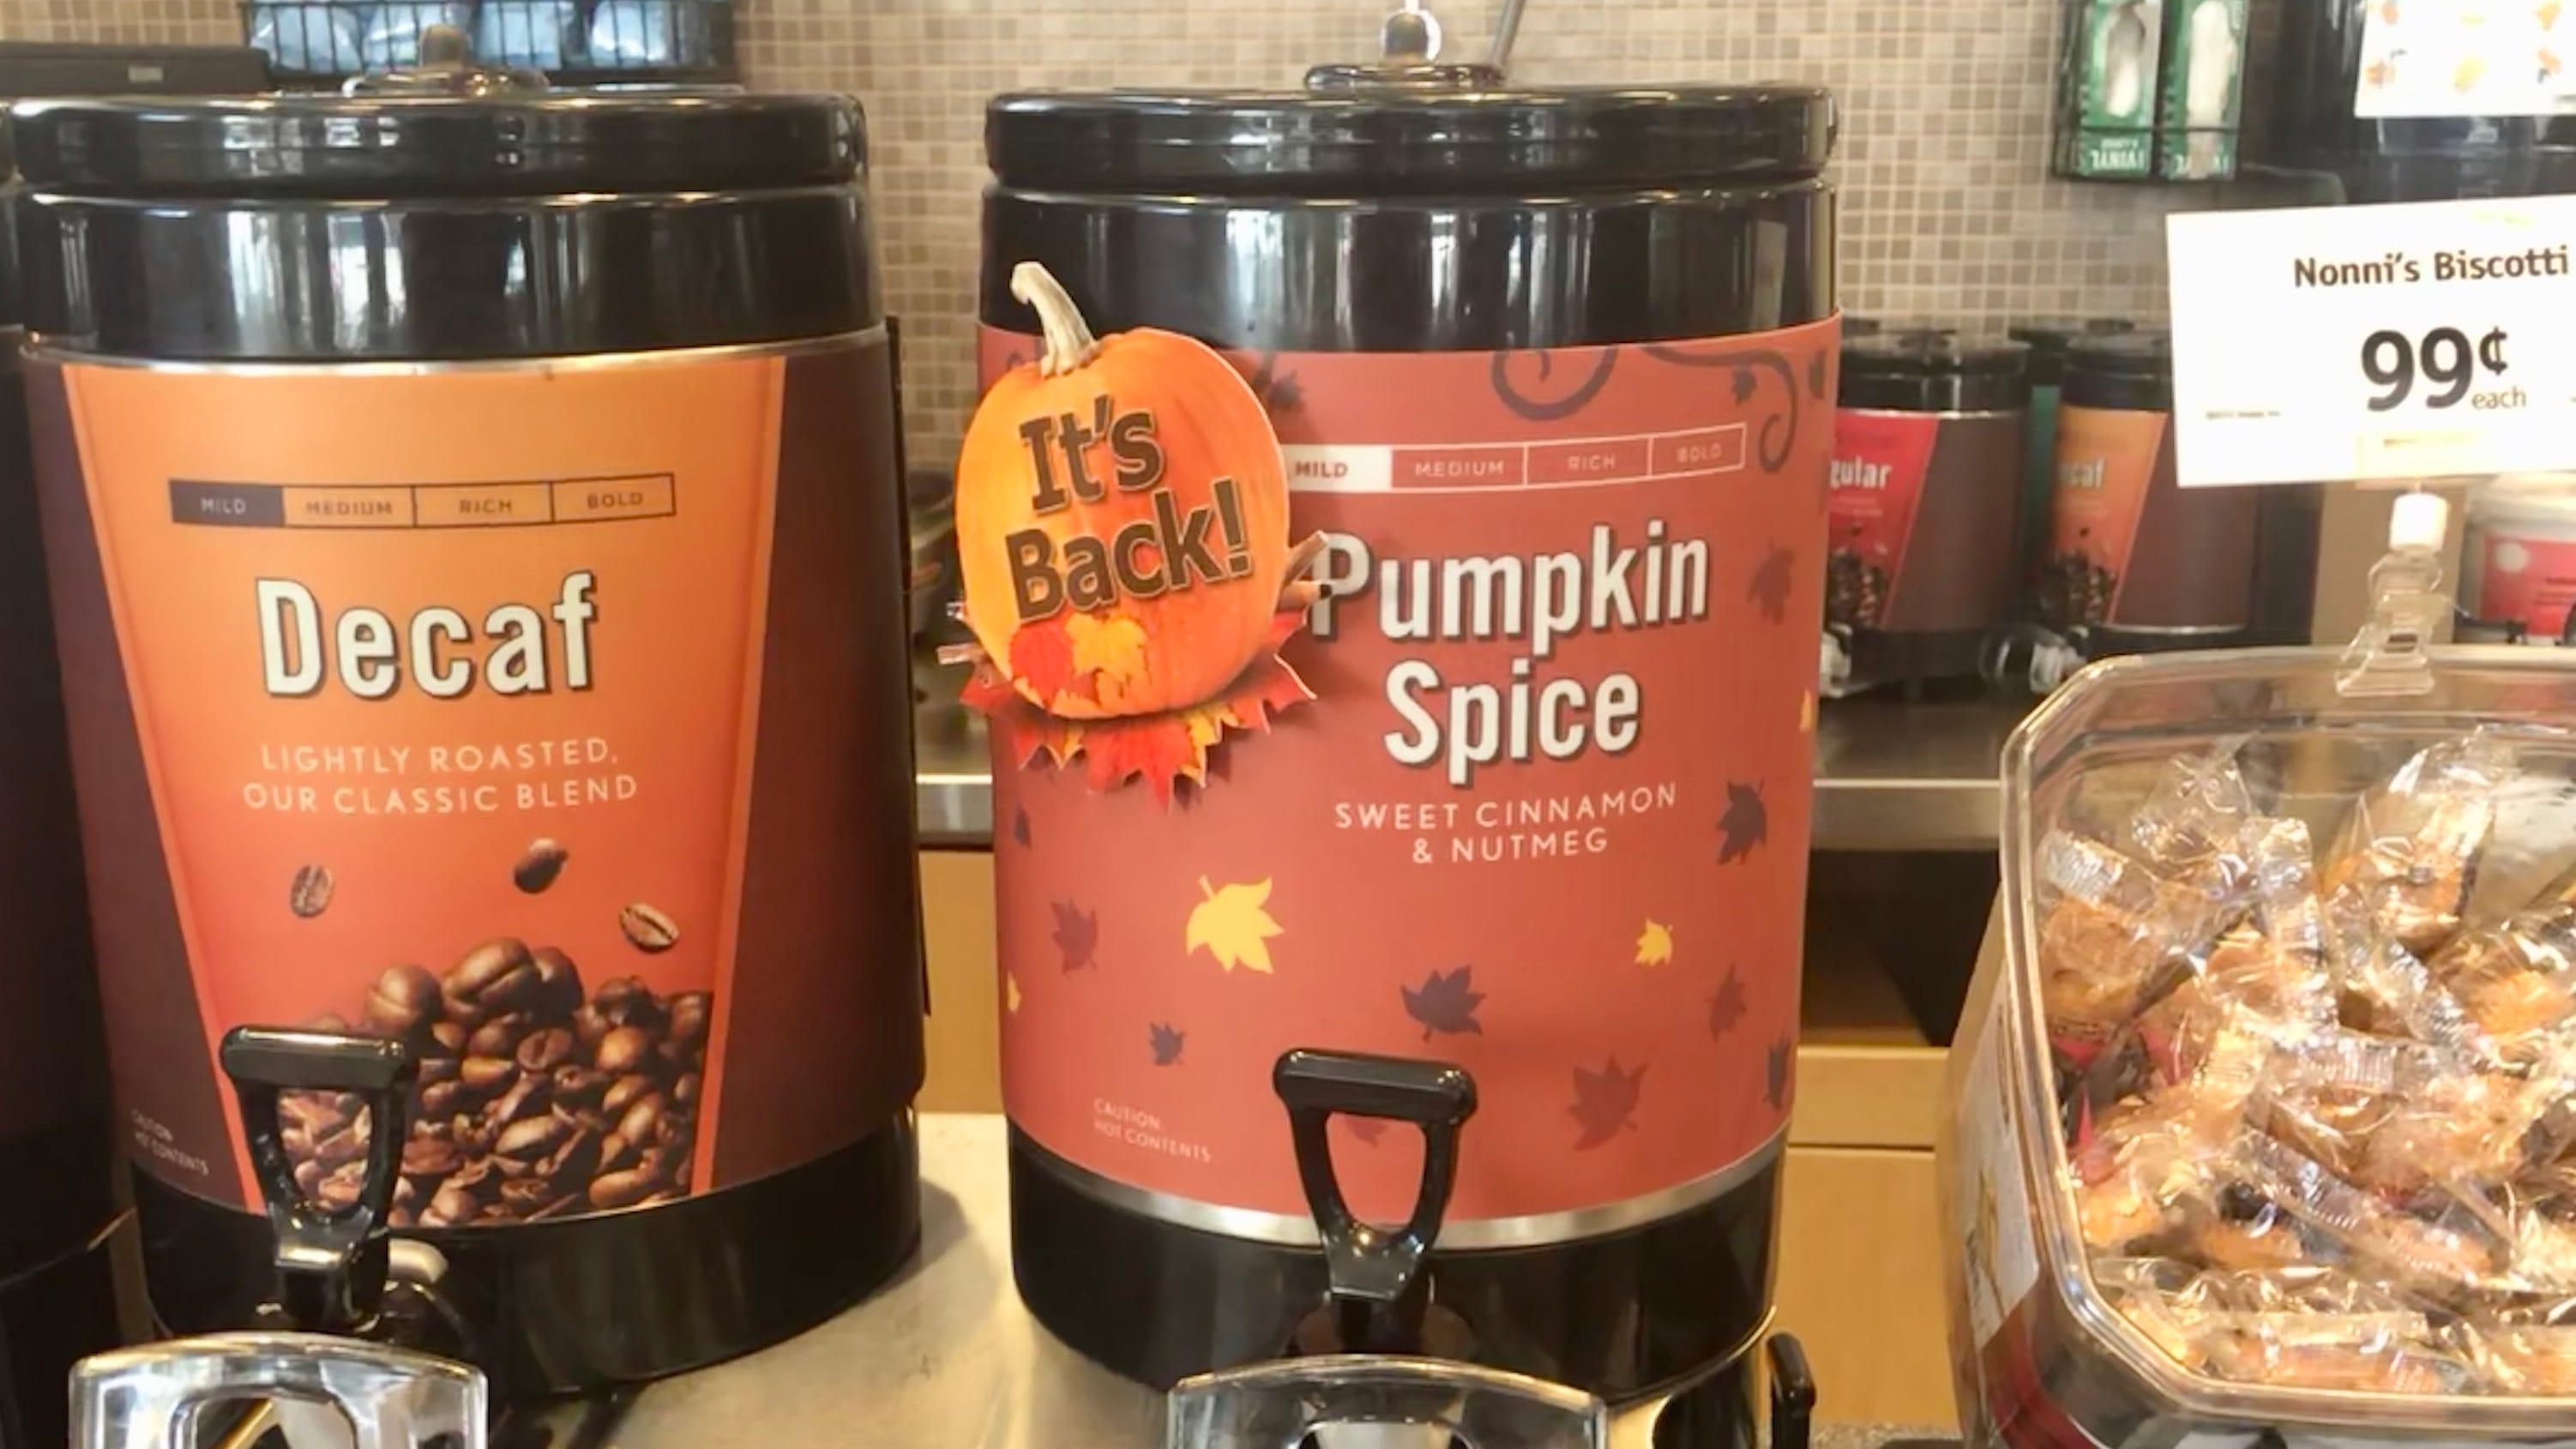 Pumpkin Spice Season Fall Is Back At Dunkin Donuts Wawa And More